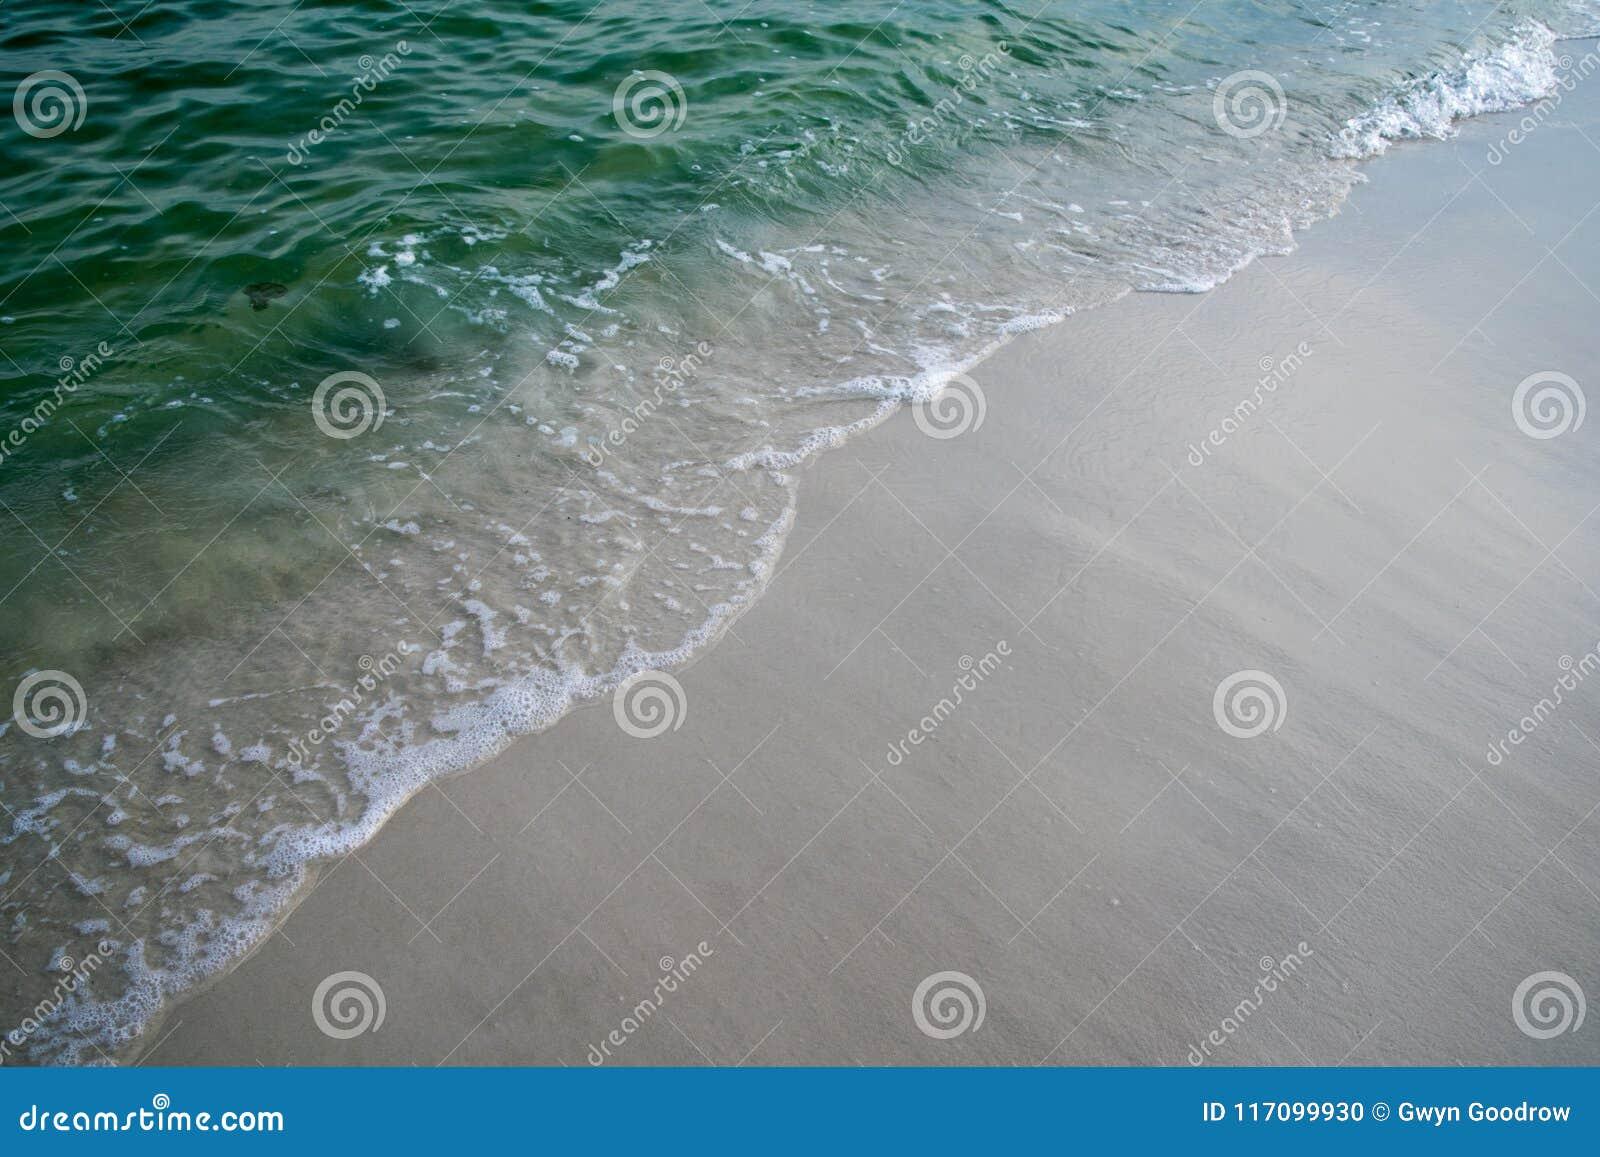 泡沫似的水推进的波浪在海滩上的